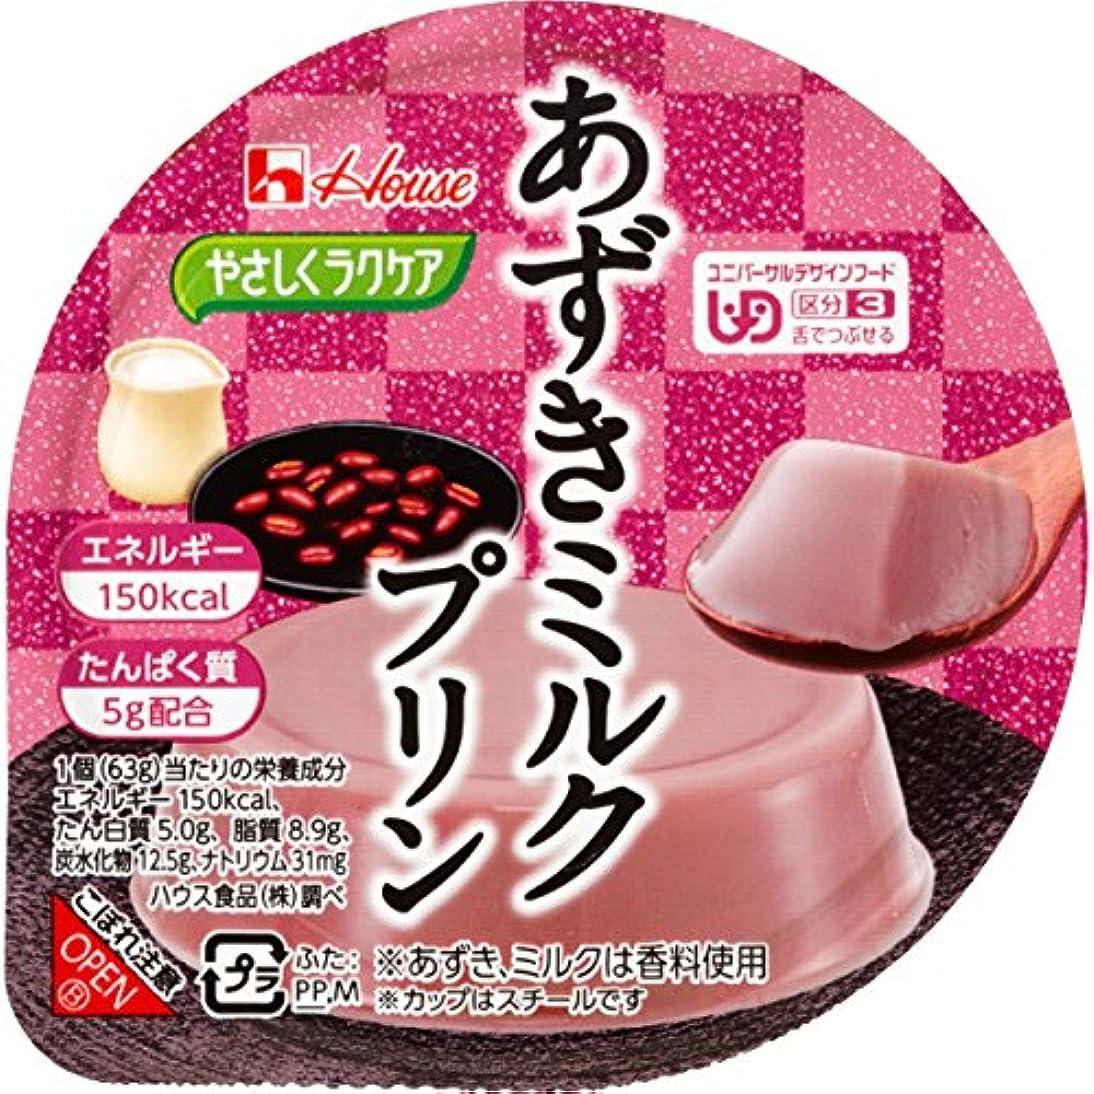 ニックネーム仕出します長いですハウス食品 やさしくラクケア あずきミルクプリン (UDF区分3:舌でつぶせる) 63gx12個